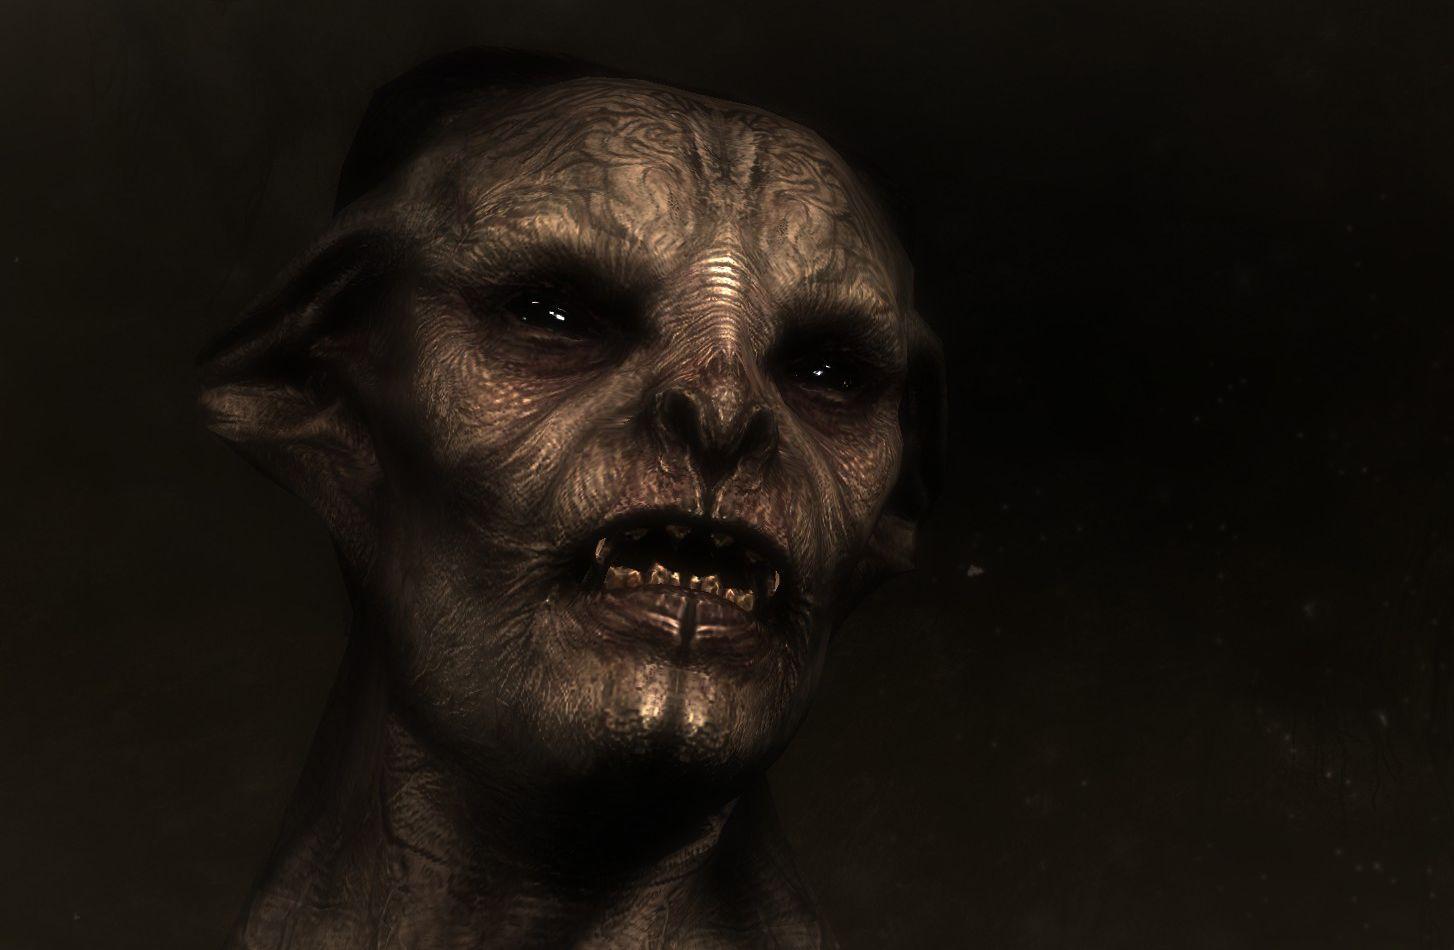 Skyrim Vampire Lord Re Texture Mattypoo Skyrim Vampire Skyrim